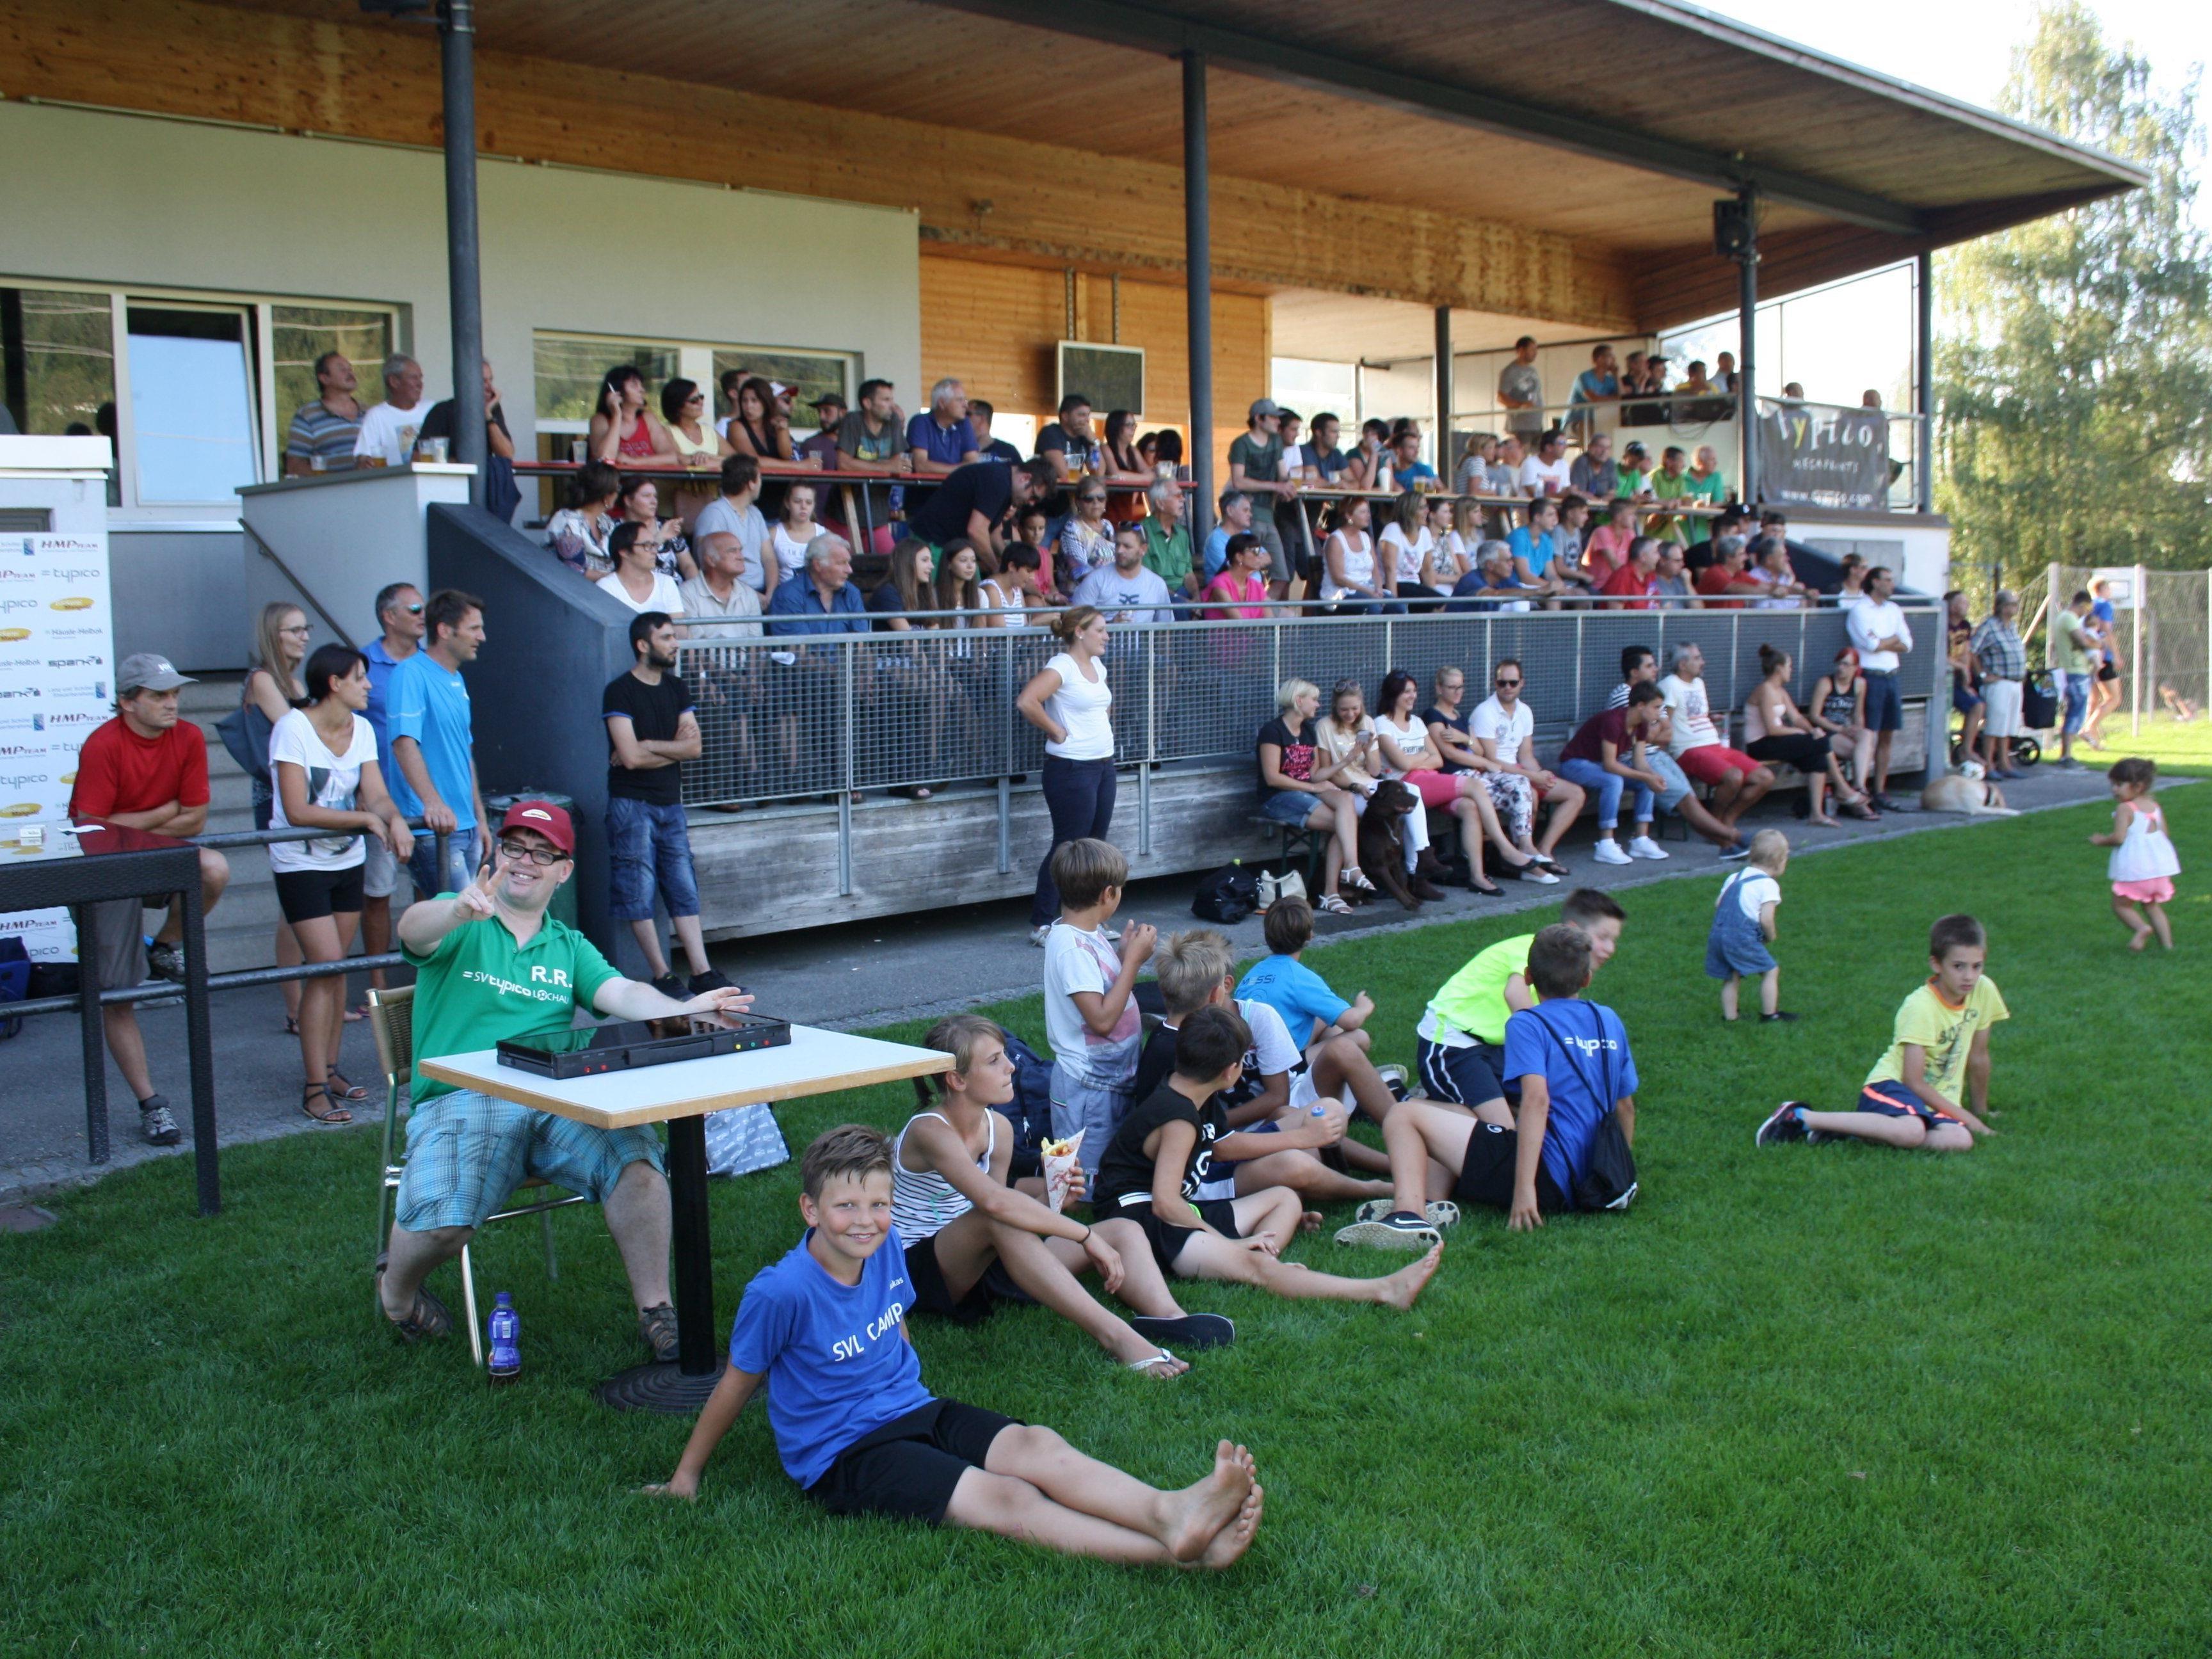 Die Haupttribüne auf der Sportanlage Hoferfeld wird bei jedem Heimspiel zum großen Treffpunkt der jungen und alten Lochauer Fußballfans.